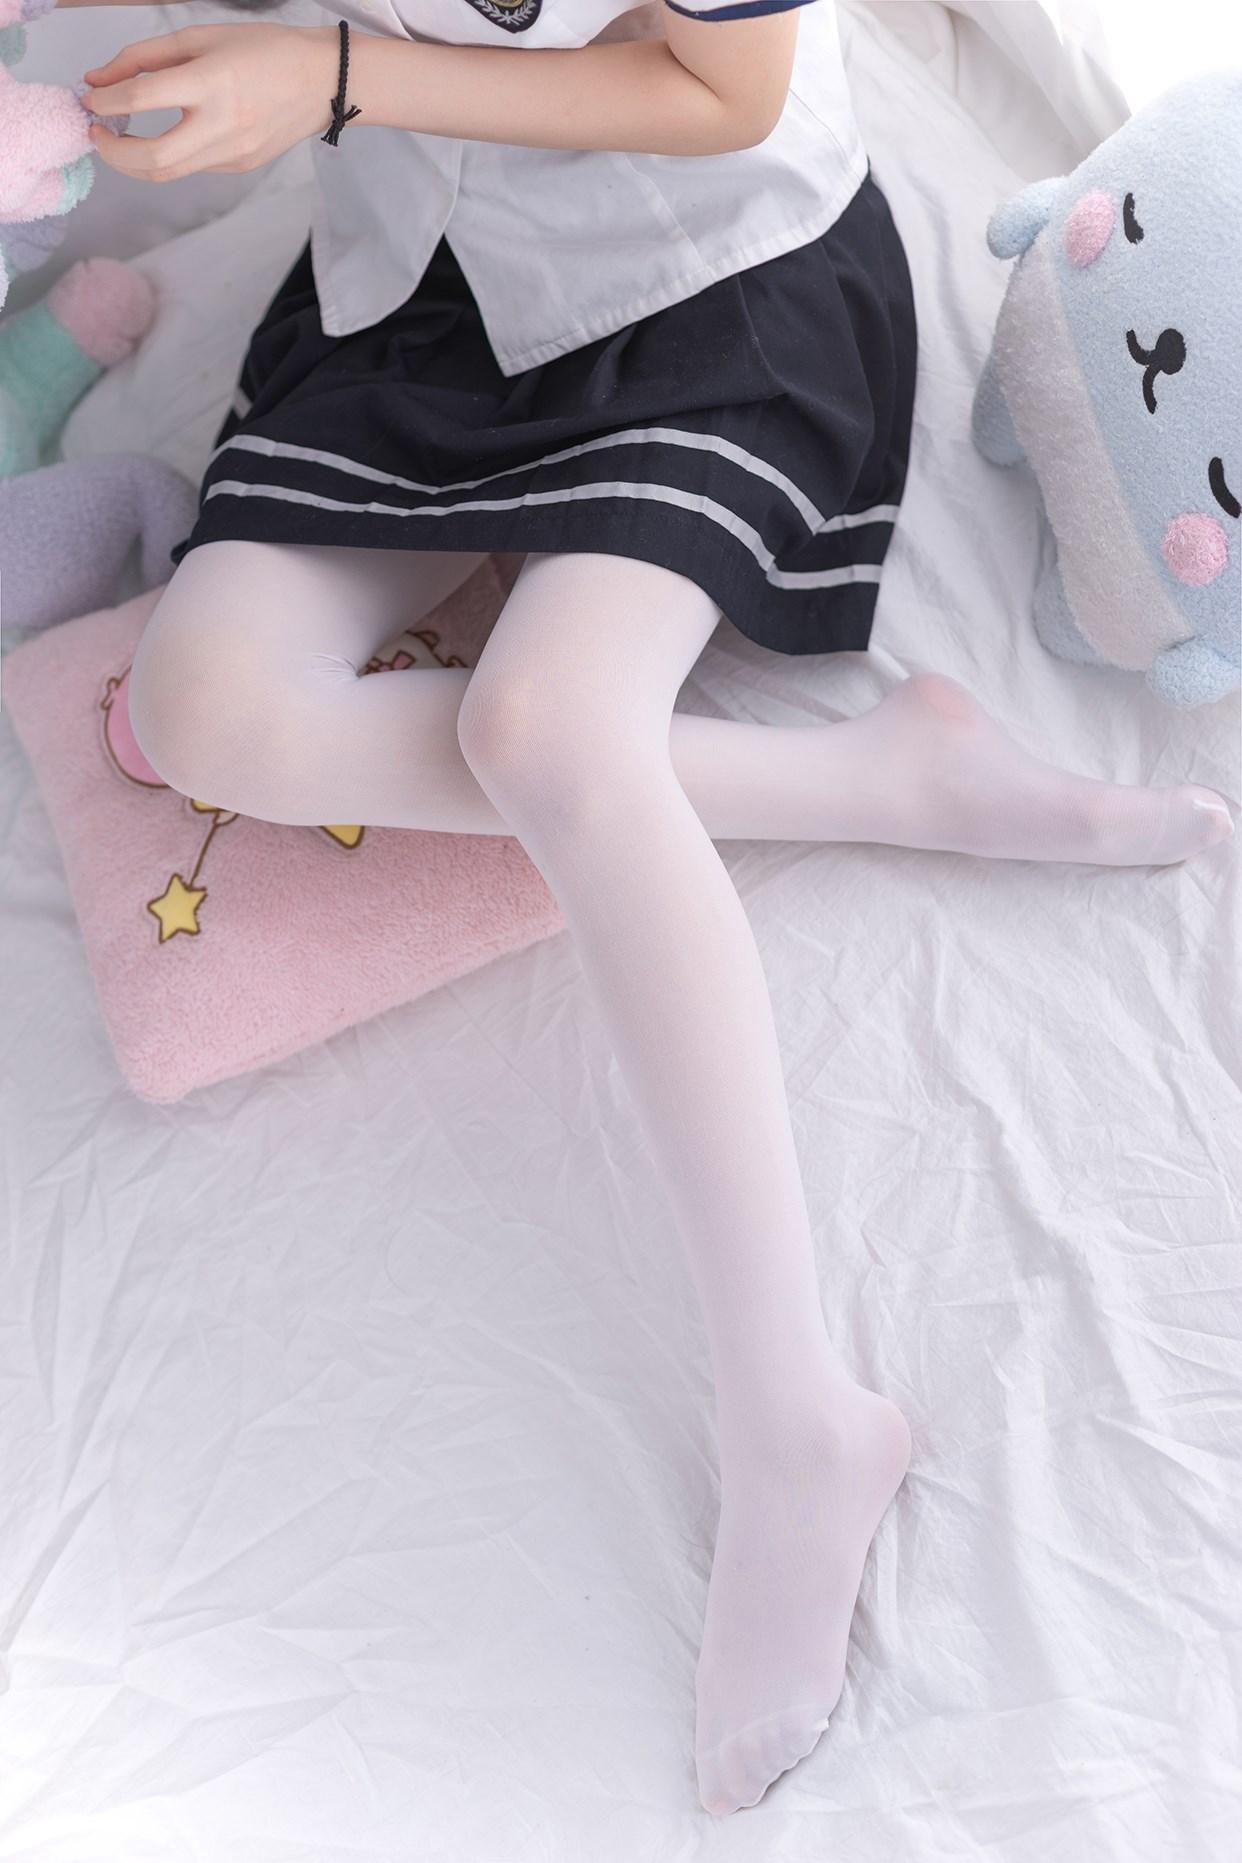 【兔玩映画】这腿炒鸡细 兔玩映画 第8张